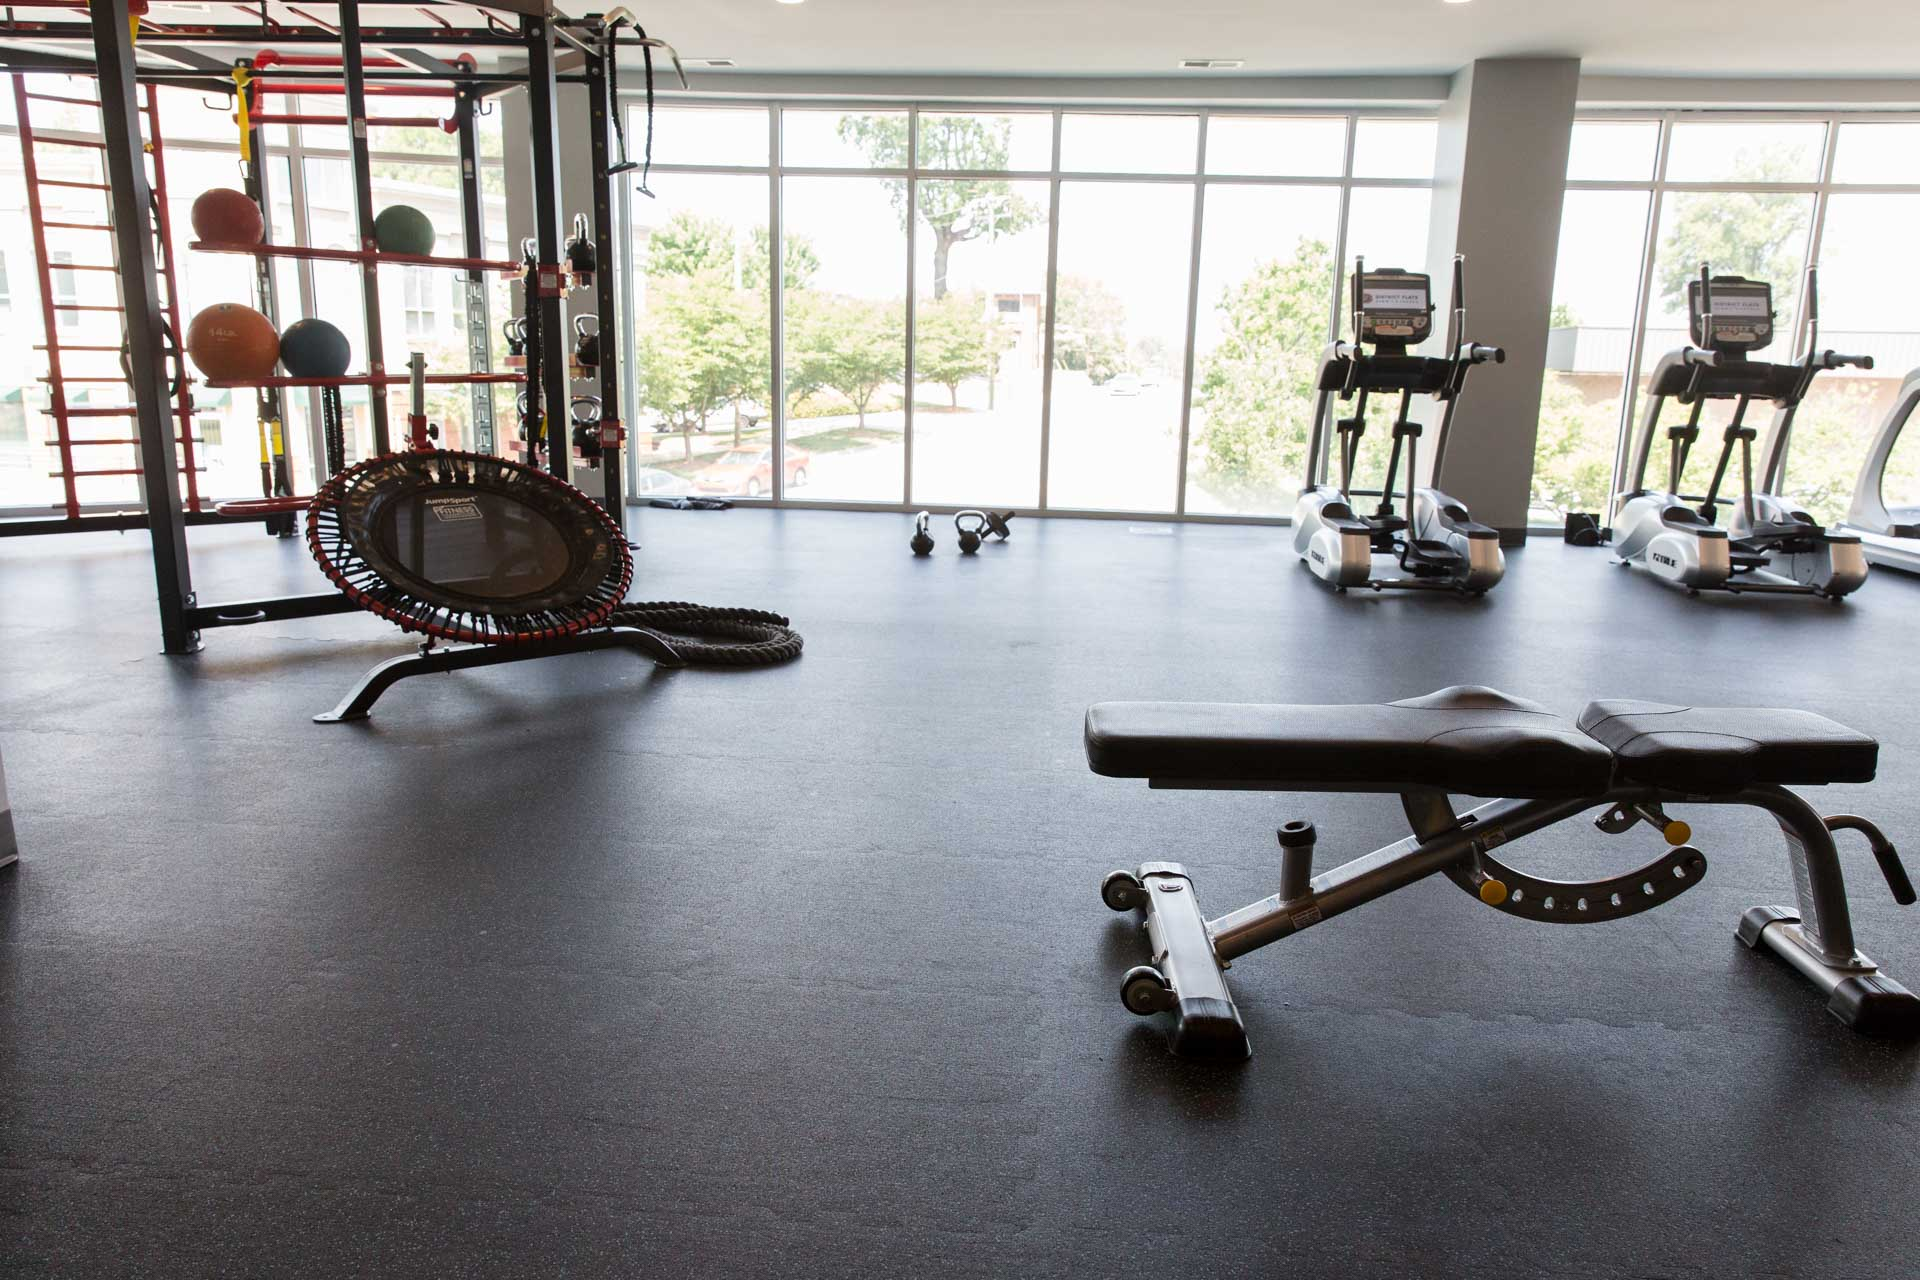 Fitness Center Flooring Installer